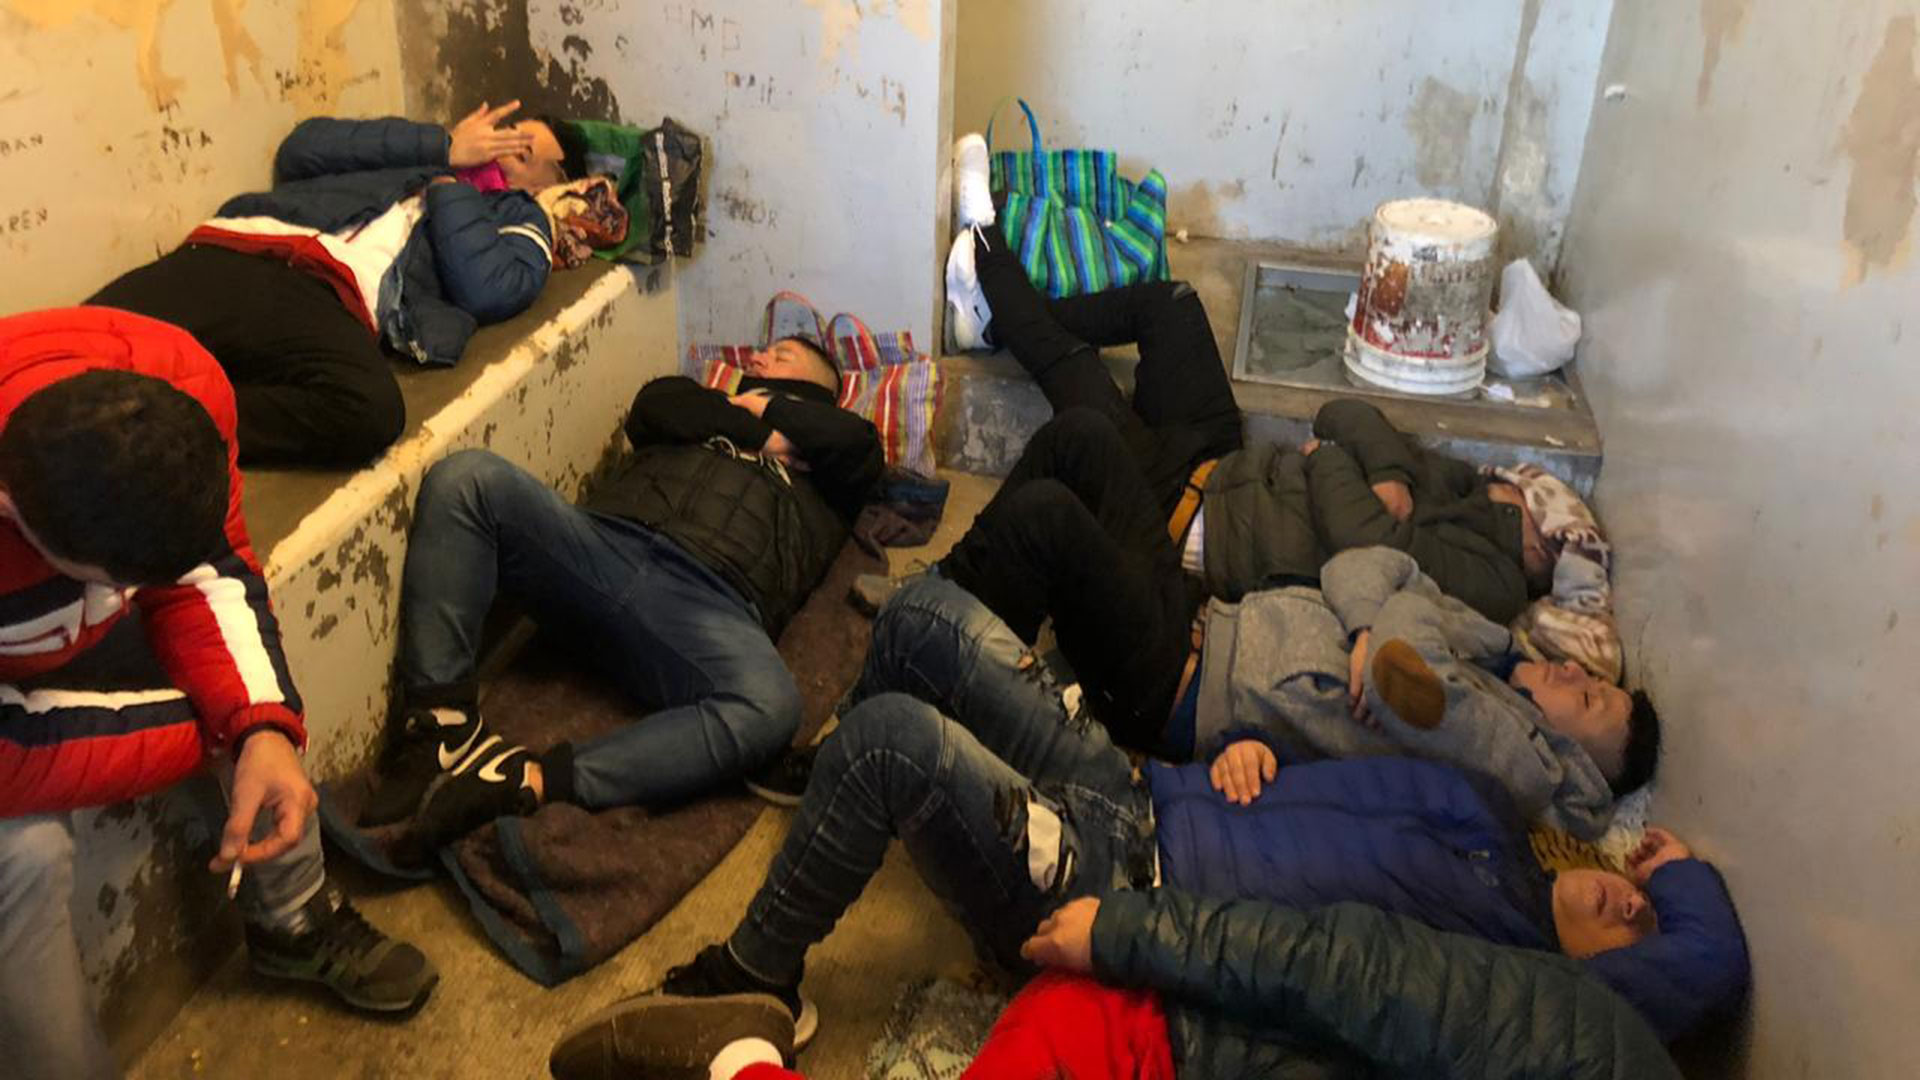 Resultado de imagen para emergencia carceles argentina